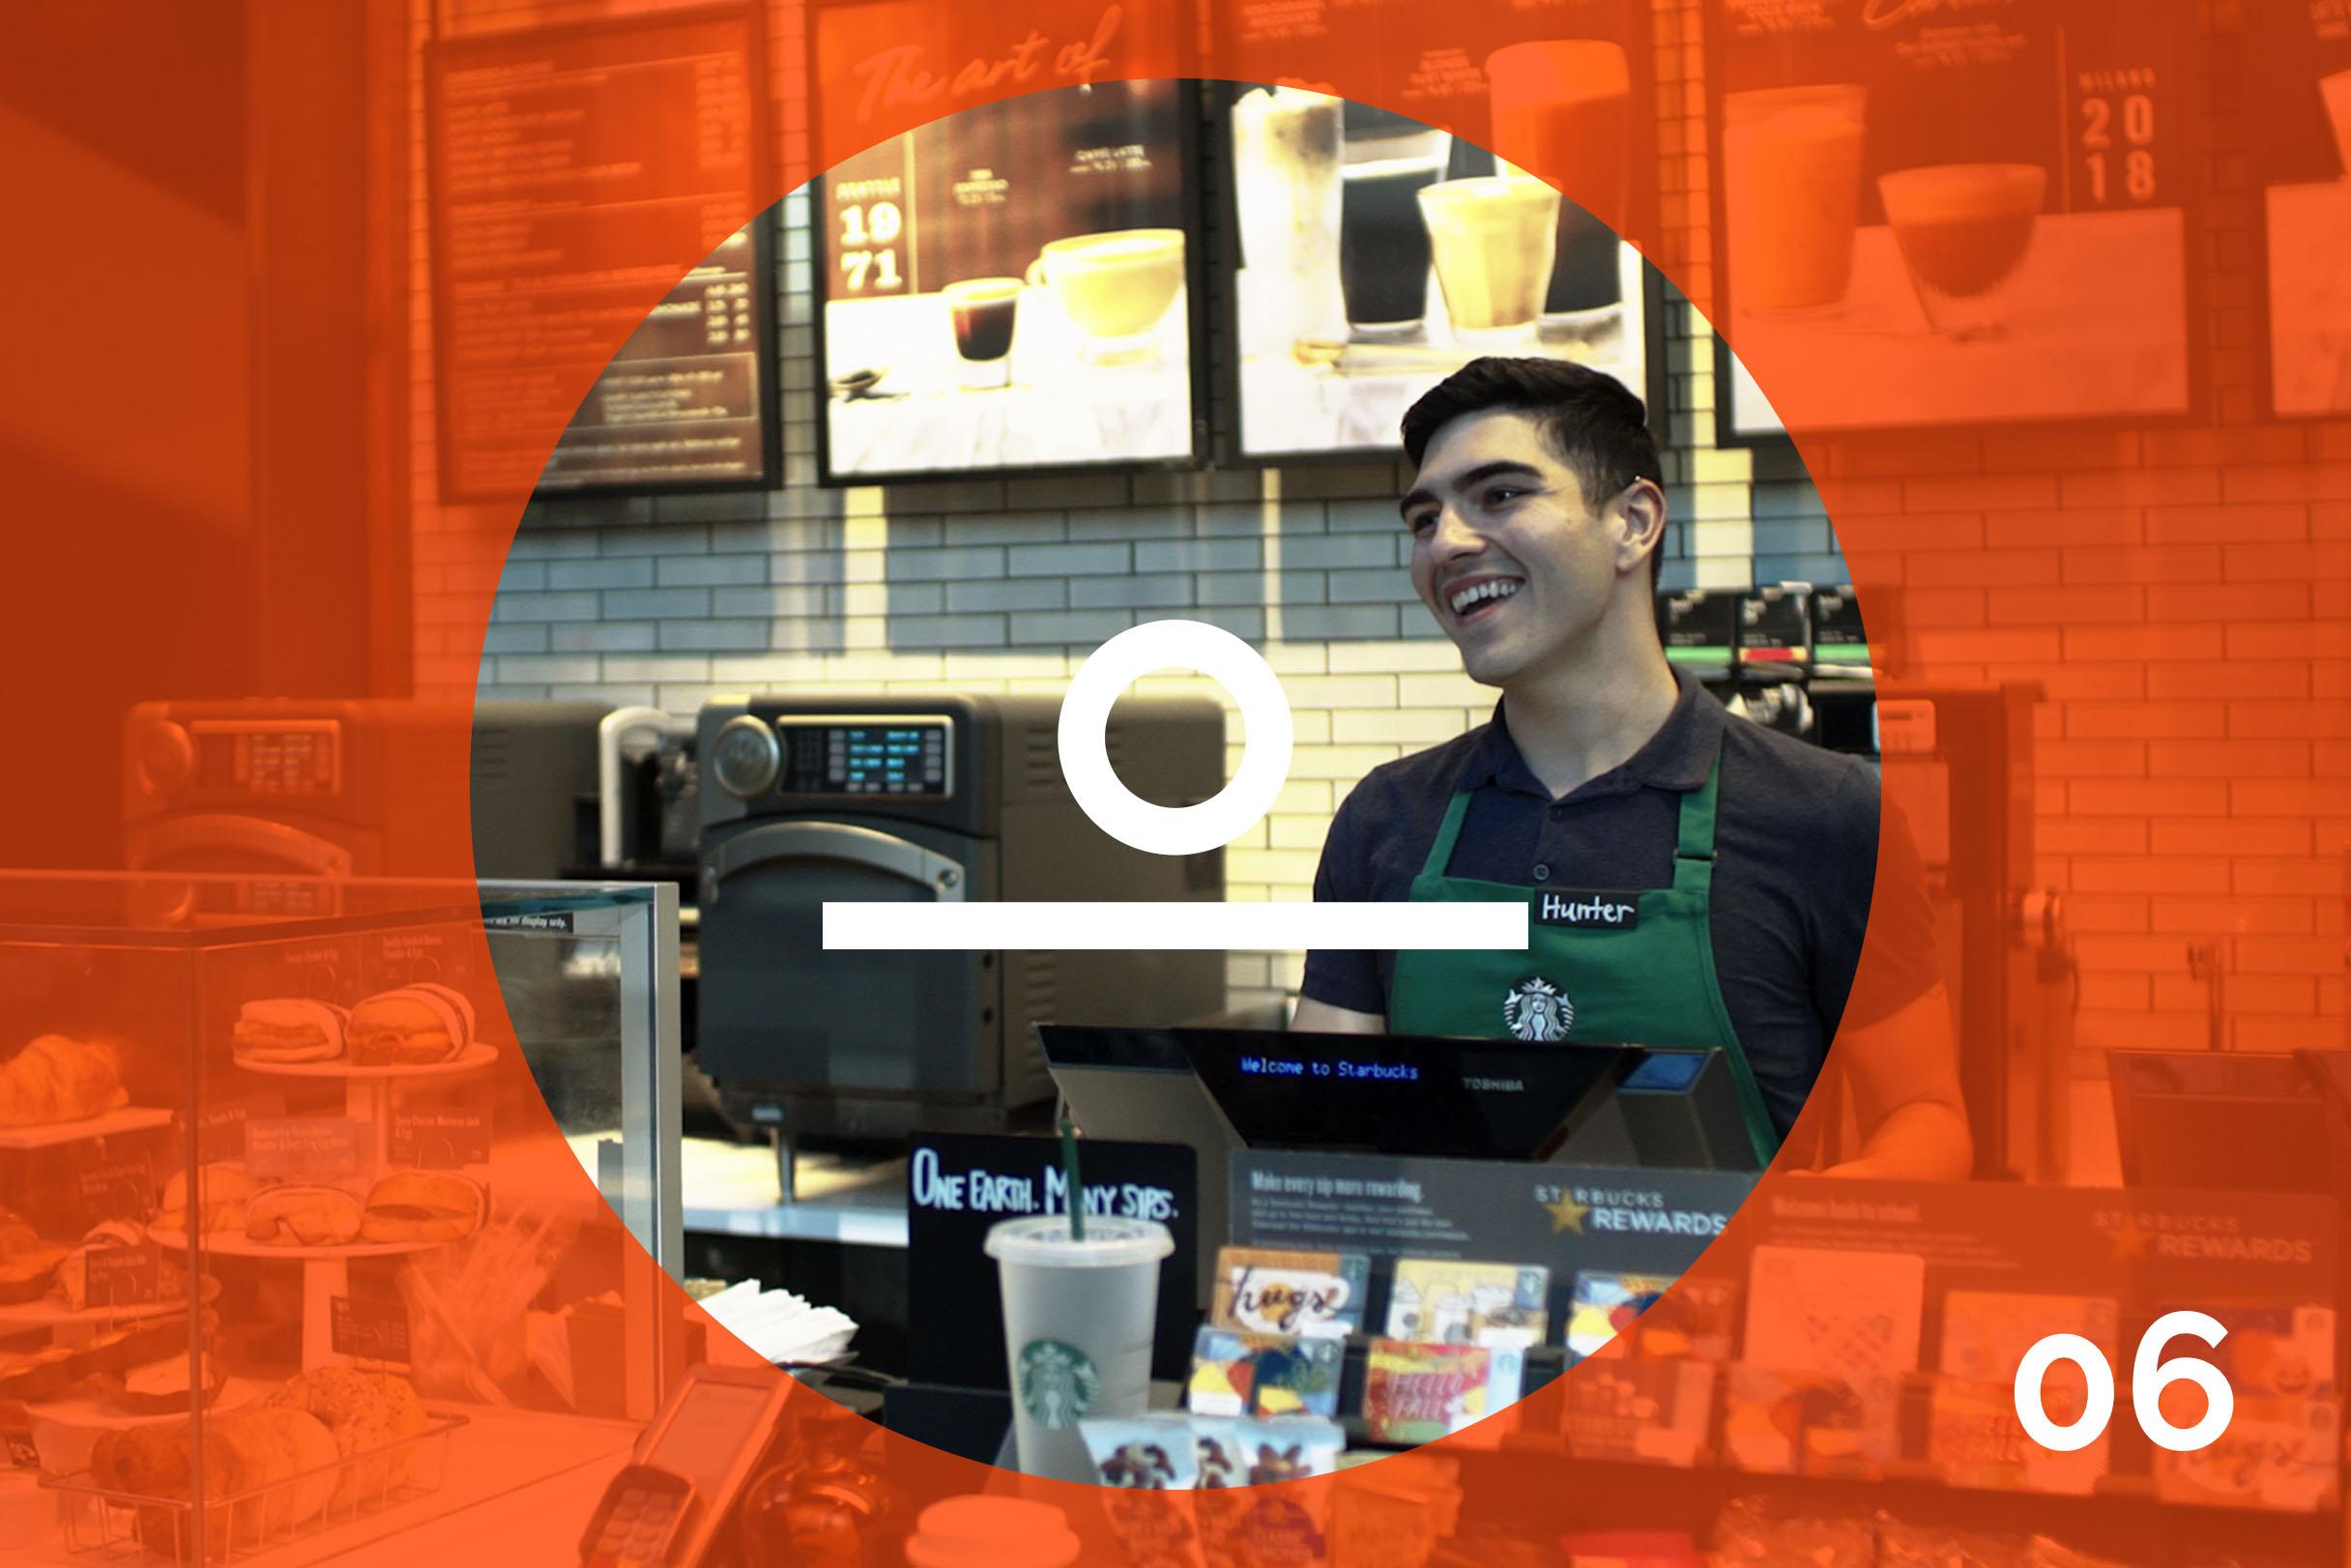 Centered_Starbucks_3x2